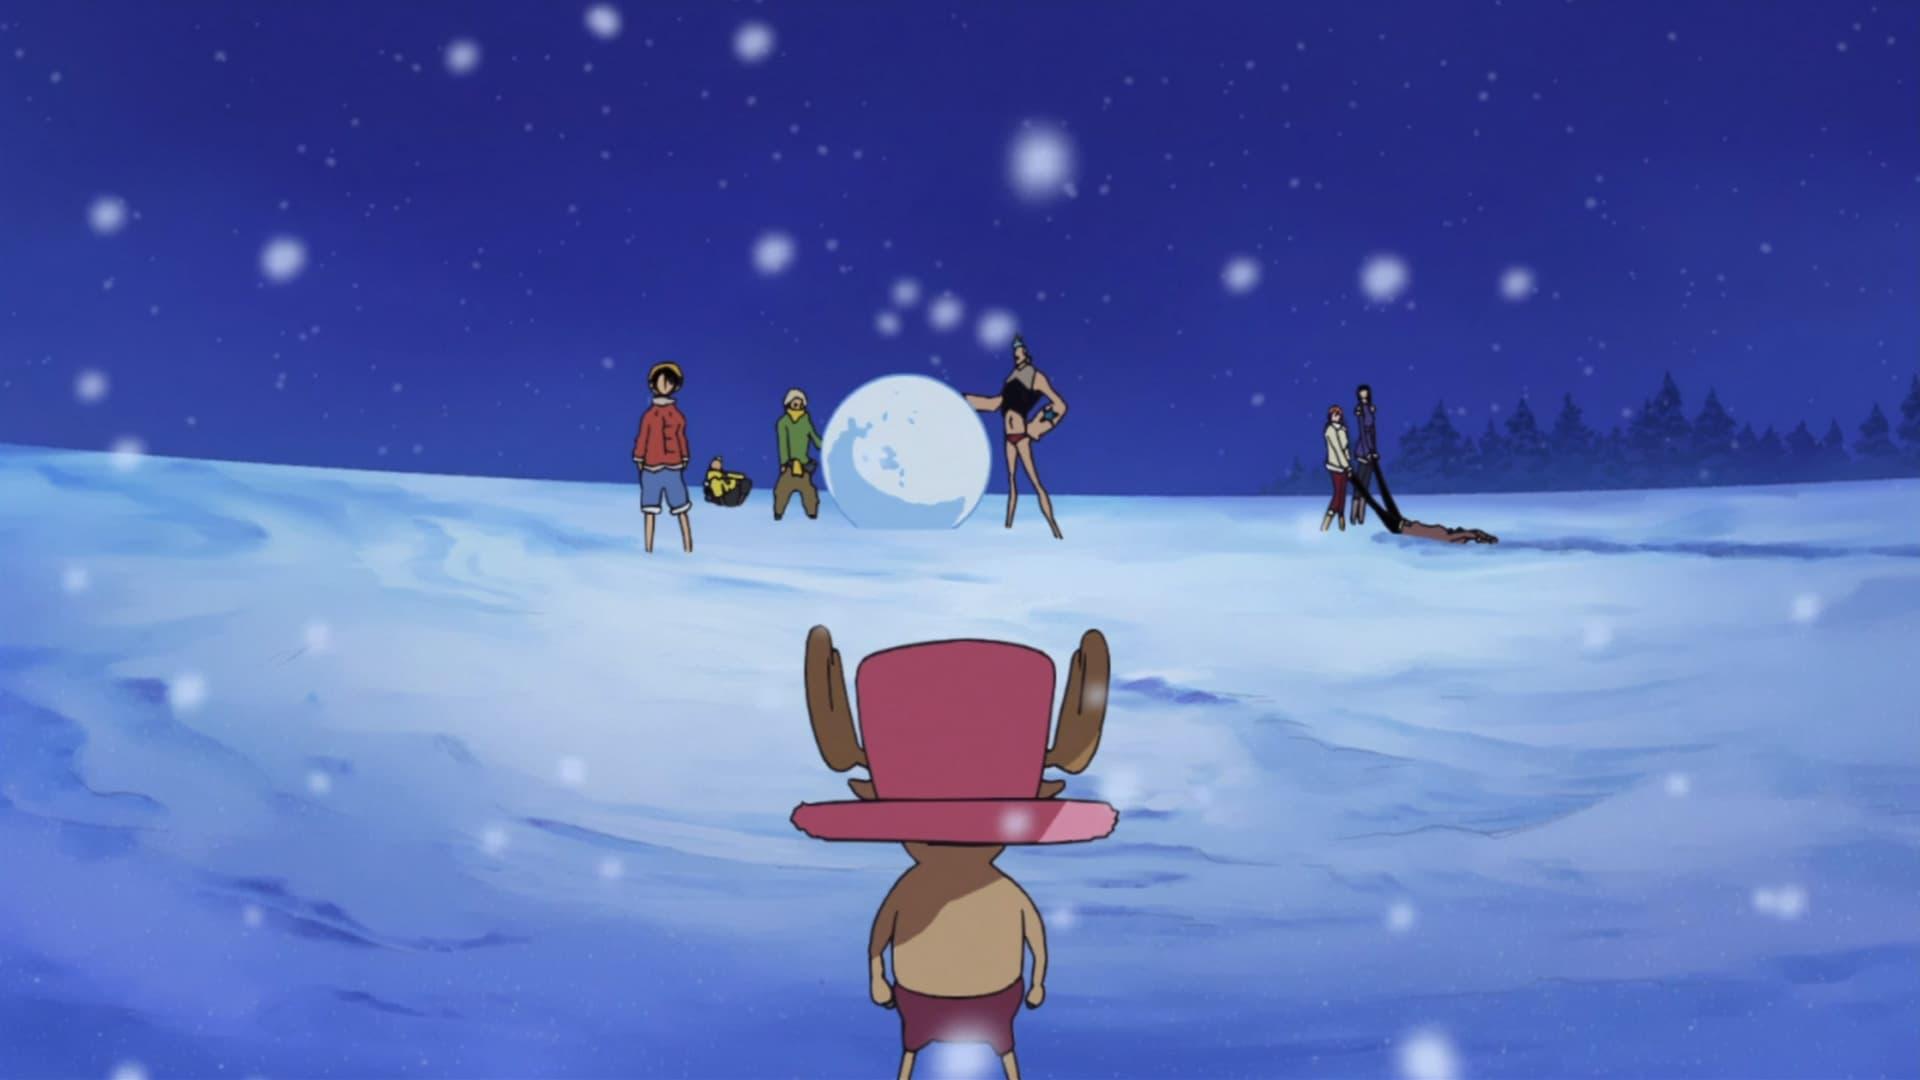 One Piece: Episodio de Chopper Plus: Florece el invierno, el milagro de los cerezos (2008)